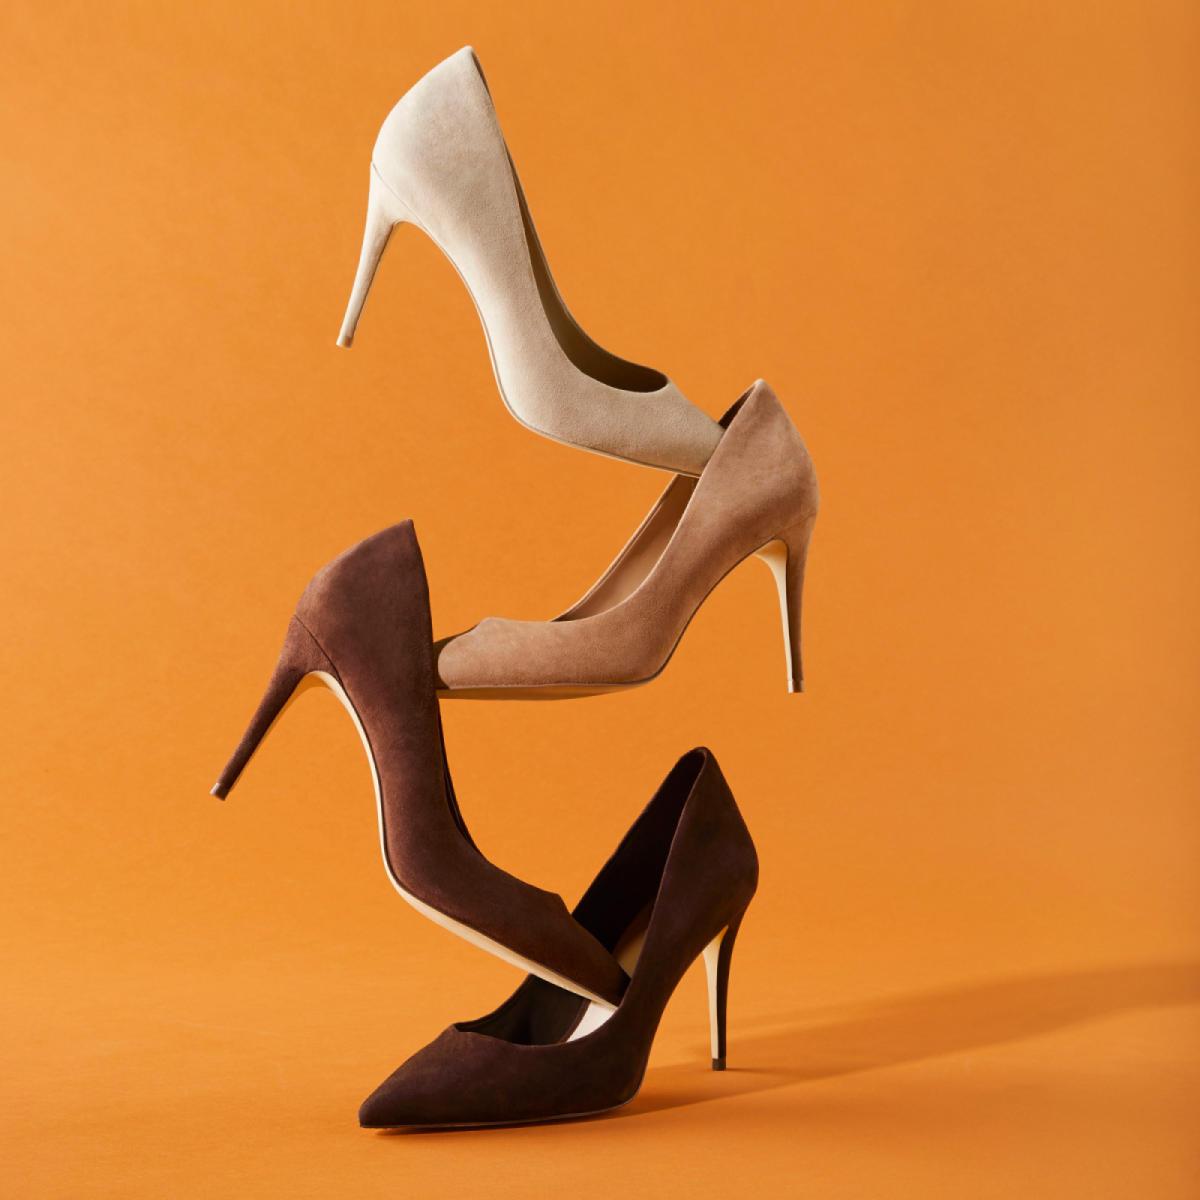 0198ce2270a Uloaviel-N Brown Suede Women s Heels